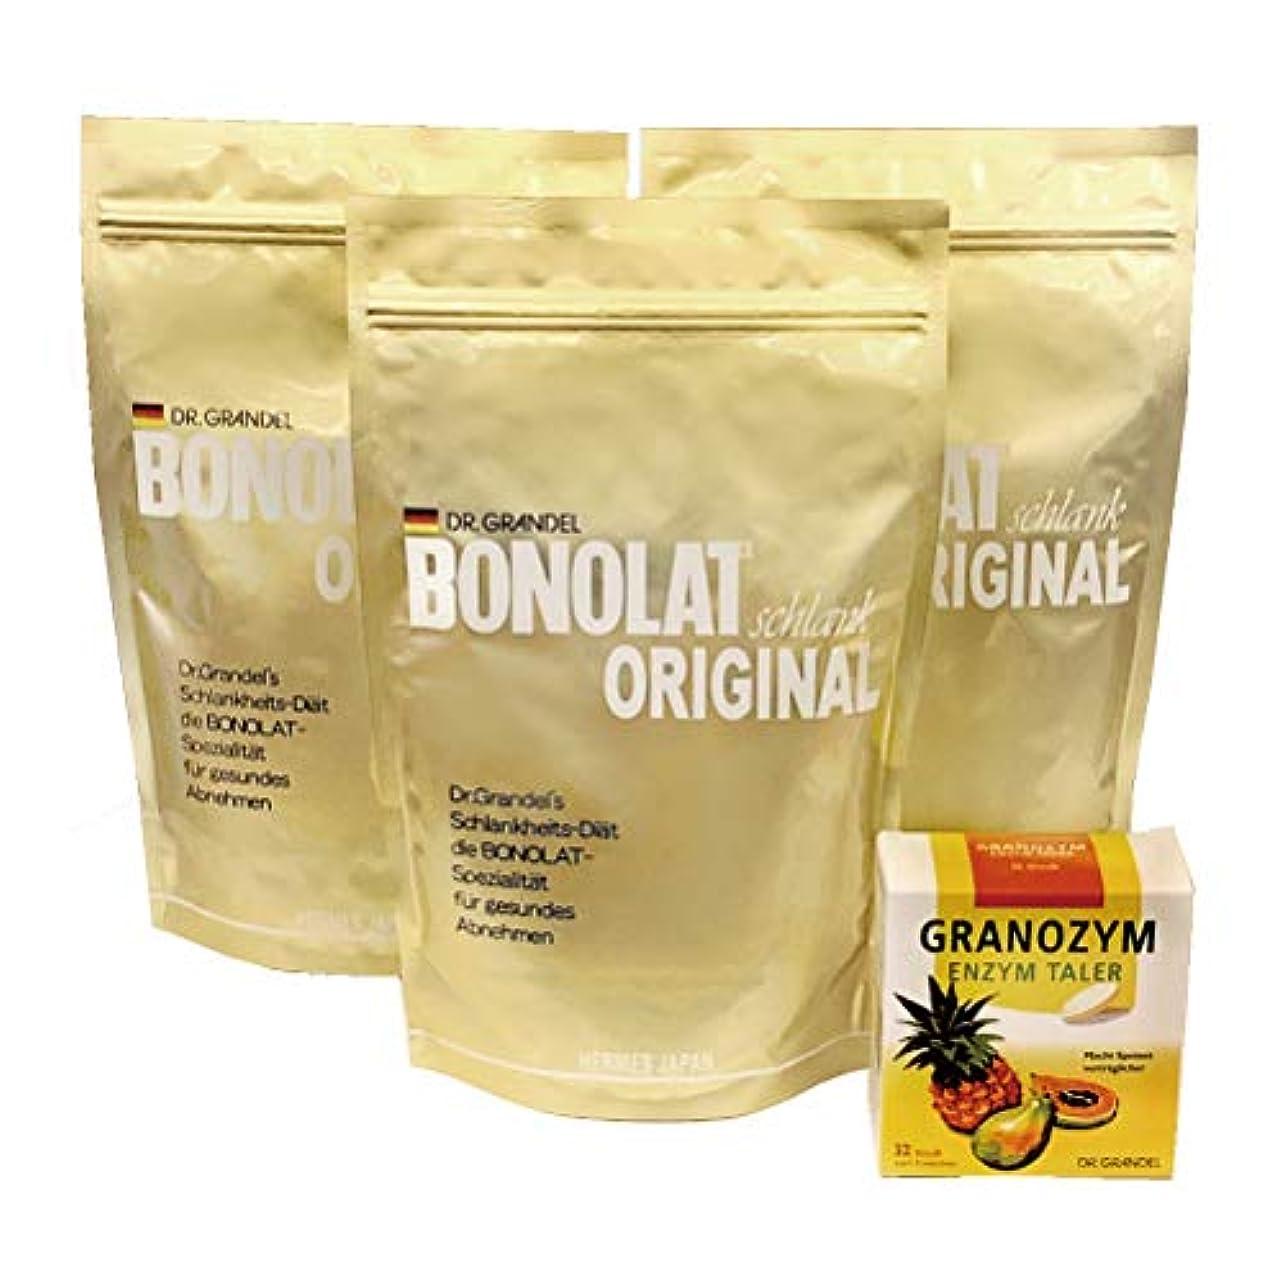 吸収剤ゼリー激しいボノラート600g×3袋(30g×60杯) & グラノザイムセット 無添加 乳プロテイン 置き換えシェイク & 酵素タブレット